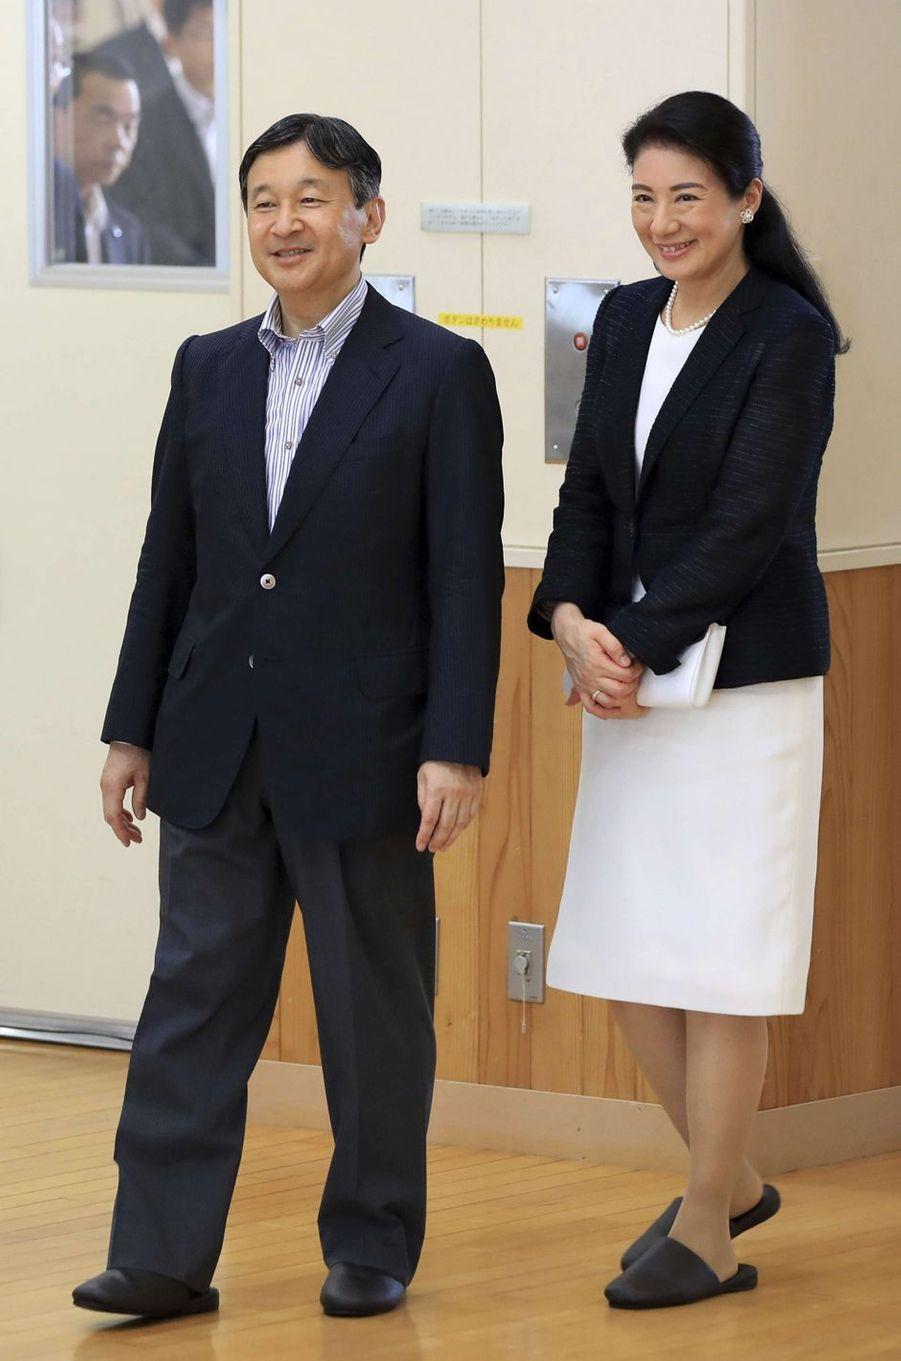 La princesse Masako et le prince Naruhito du Japon en chaussons dans une école à Katagami, le 11 juillet 2017